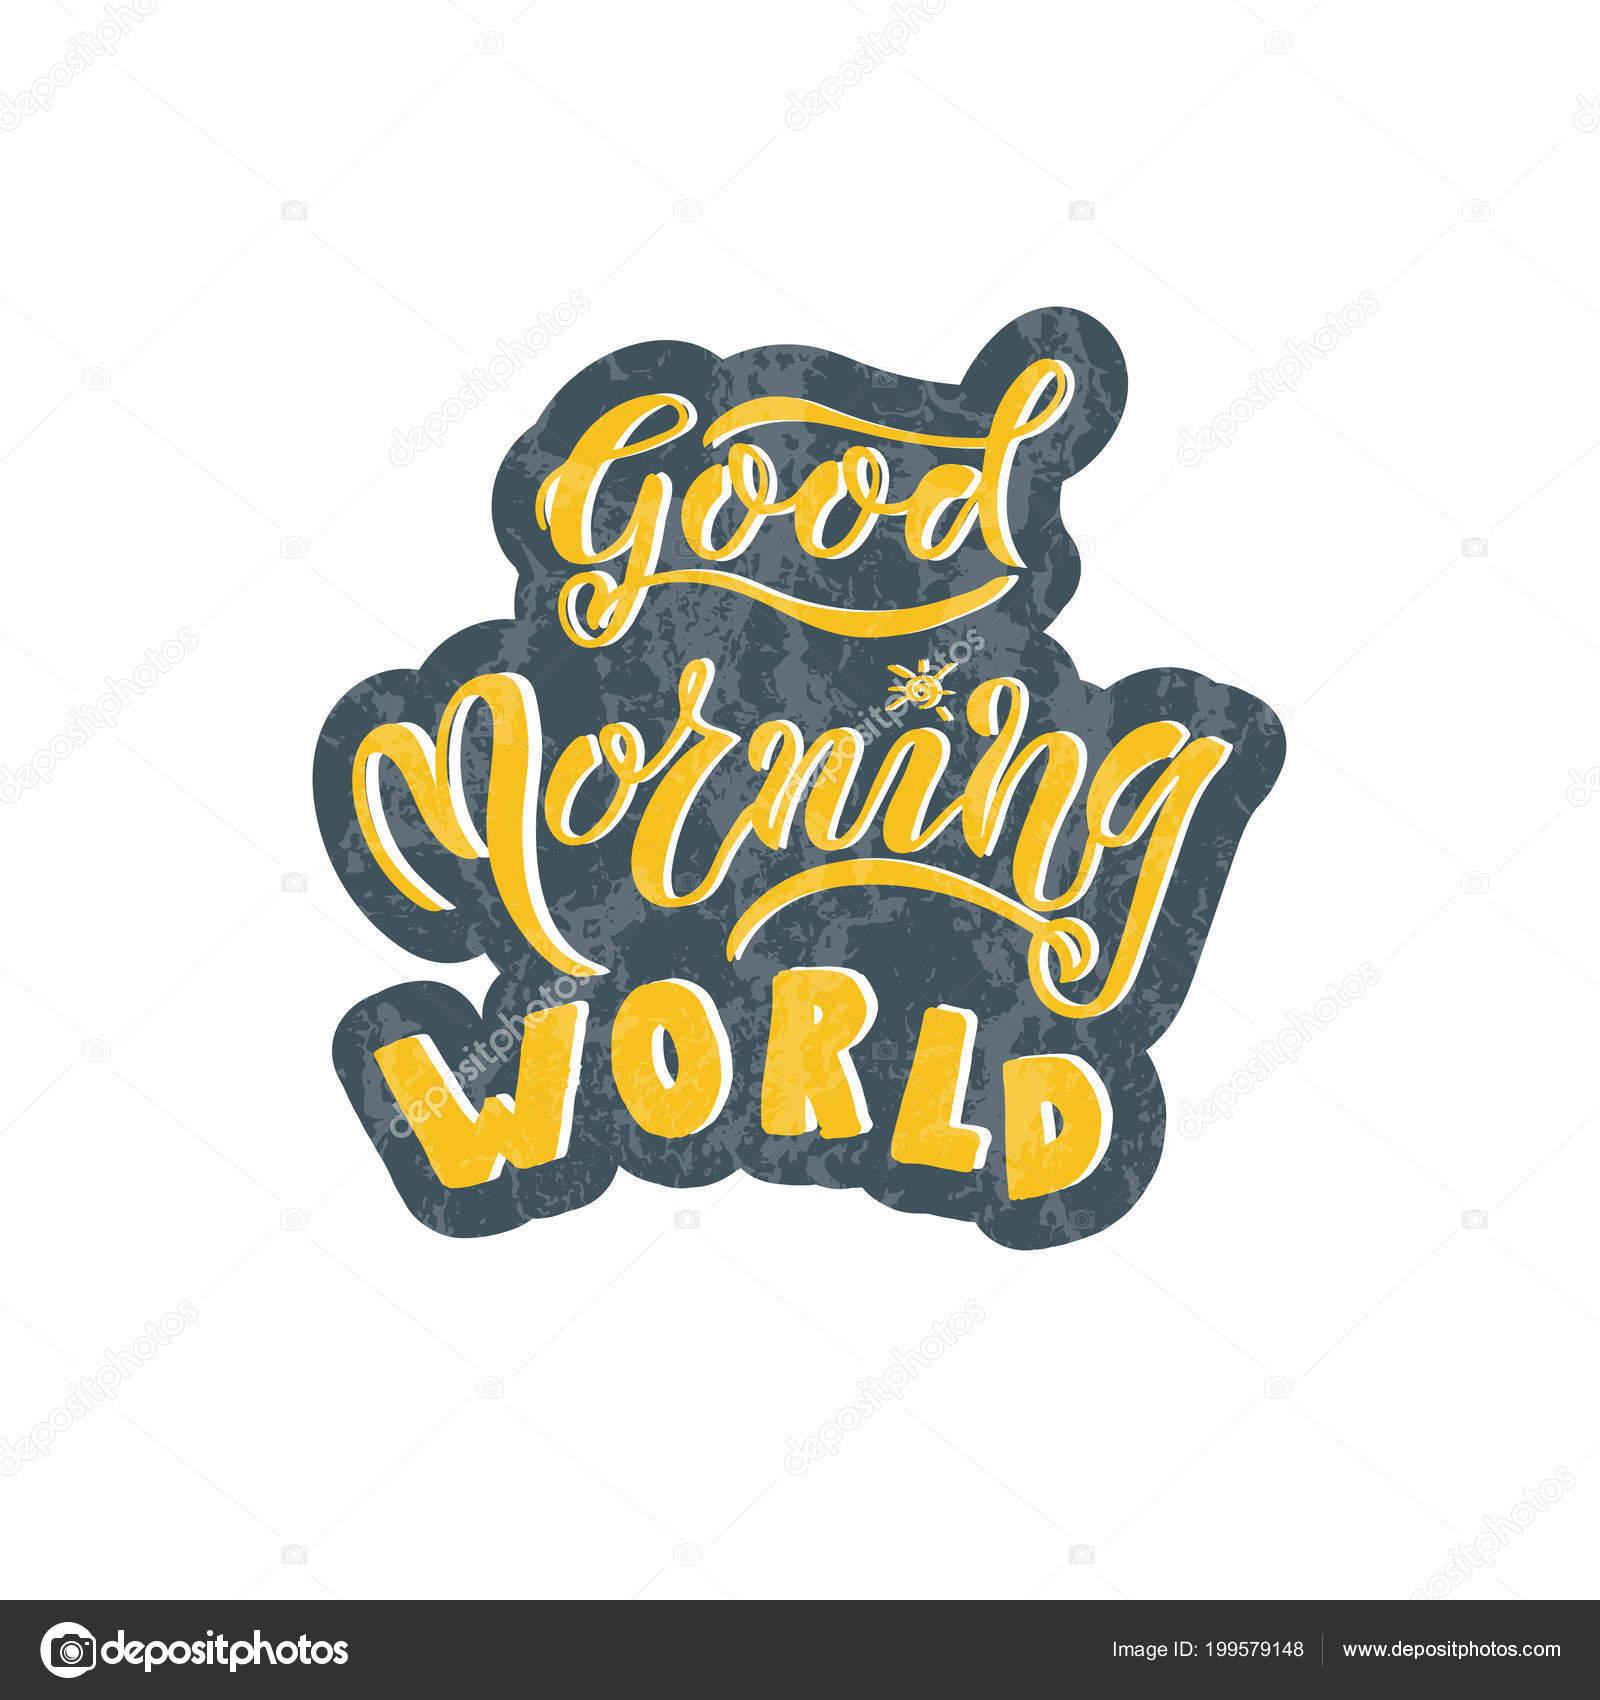 Eps Guten Morgen Welt Karte Vektor Illustration Vorlage Für